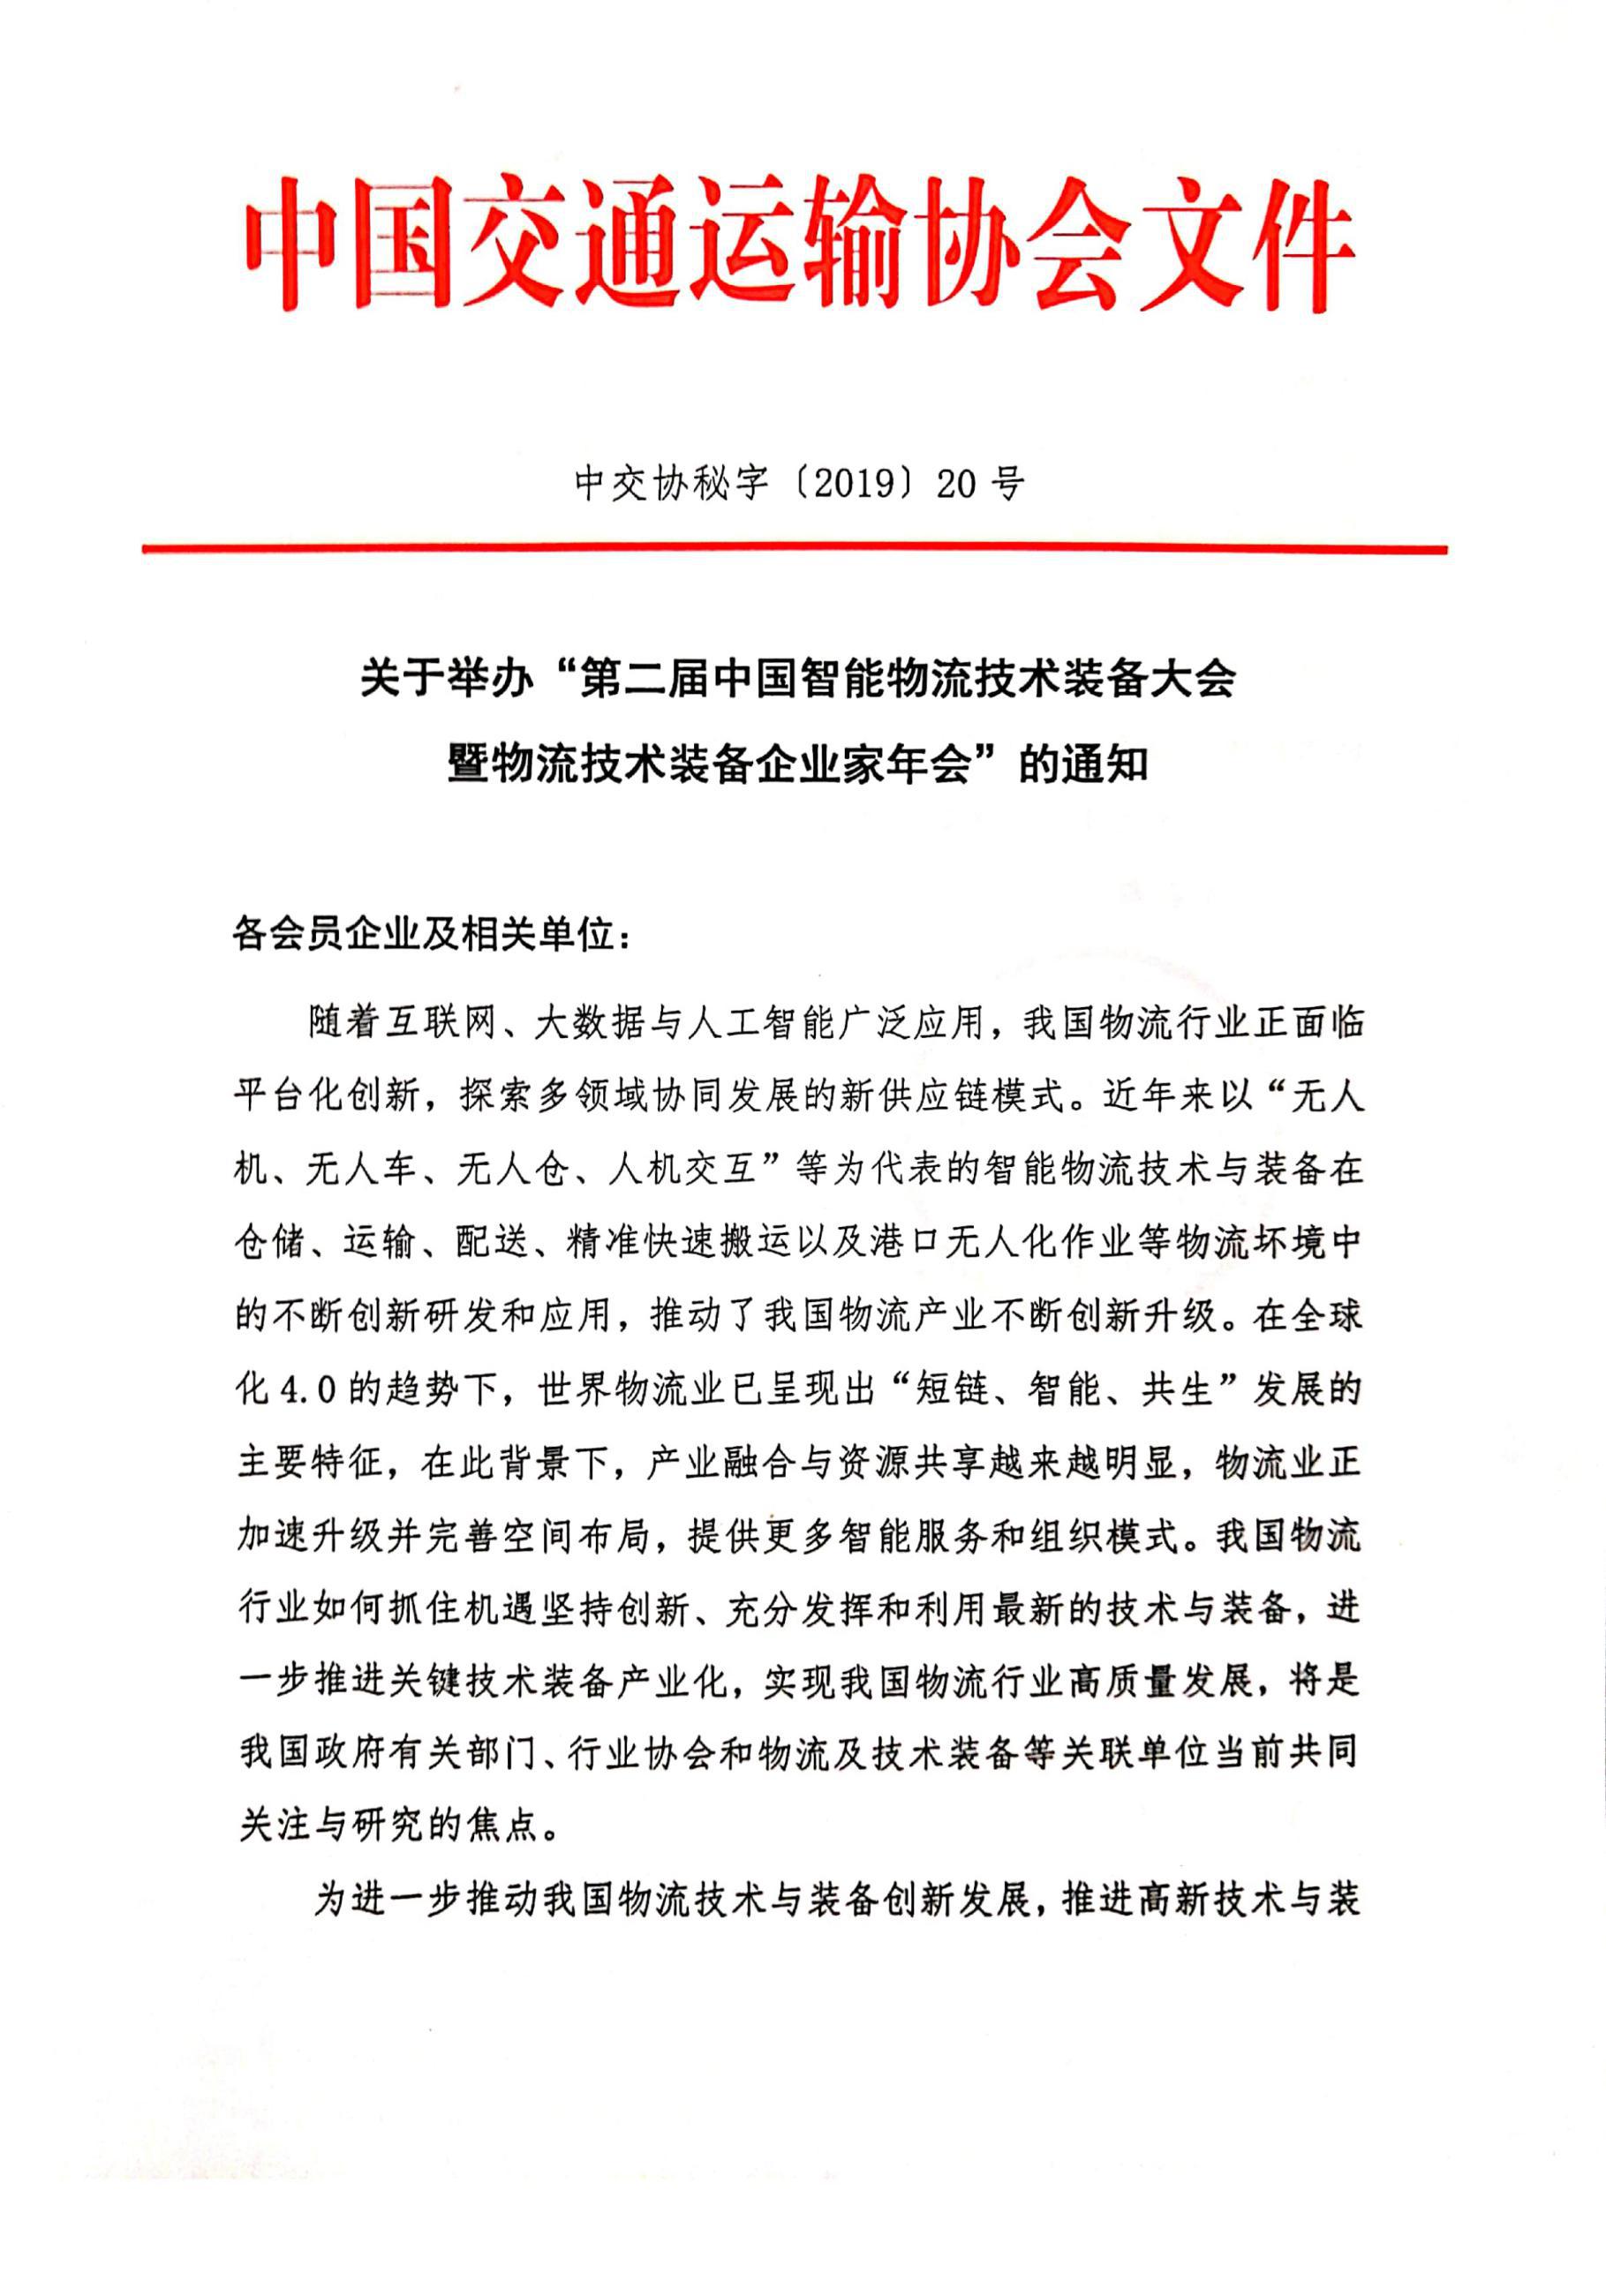 第二届中国智能物流技术装备大会暨物流技术装备企业家年通知